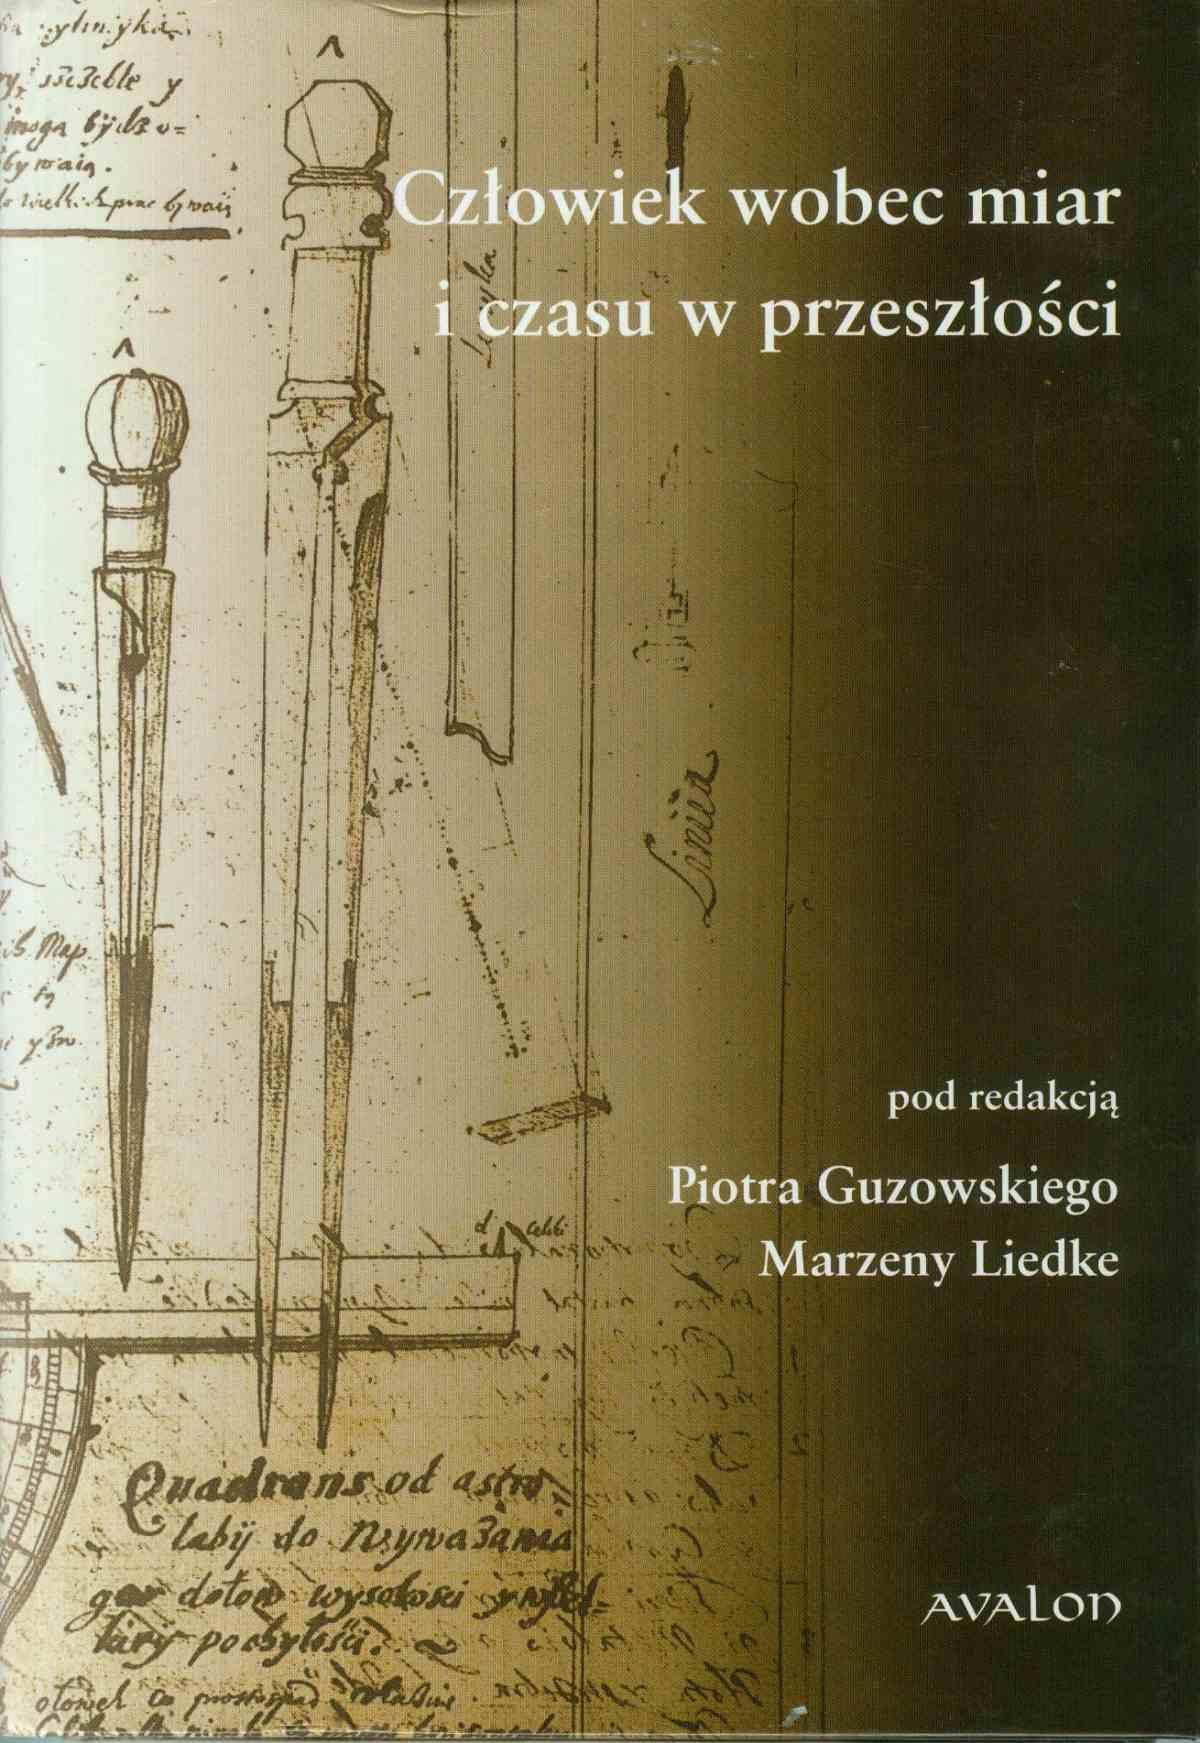 Człowiek wobec miar i czasu w przeszłości - Ebook (Książka PDF) do pobrania w formacie PDF